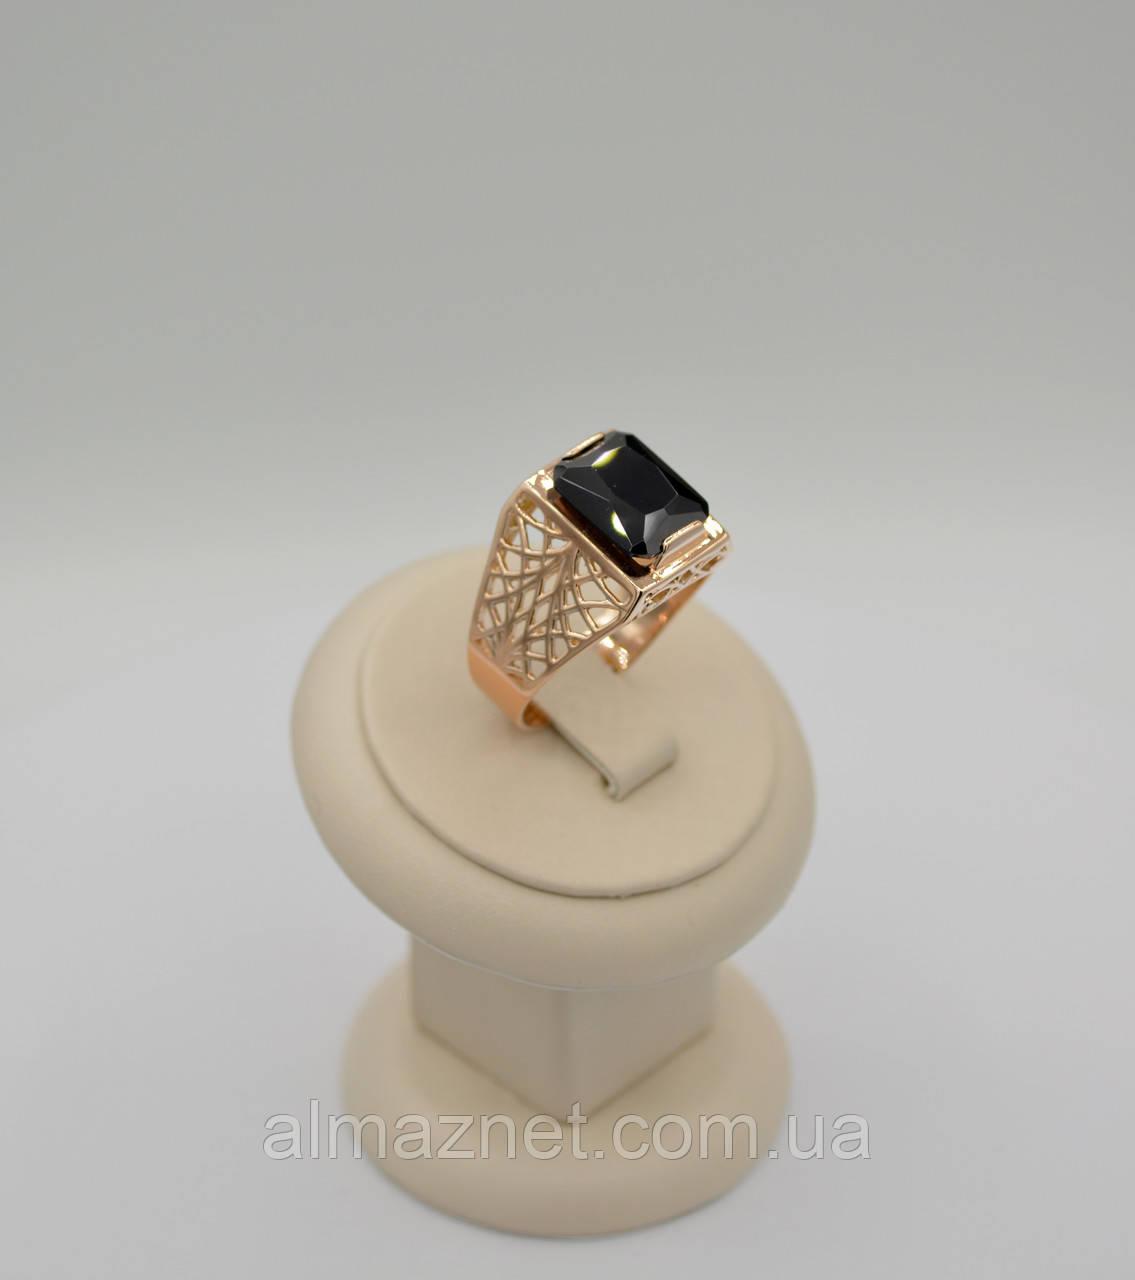 Золотой перстень Персидская роскошь с одним камнем